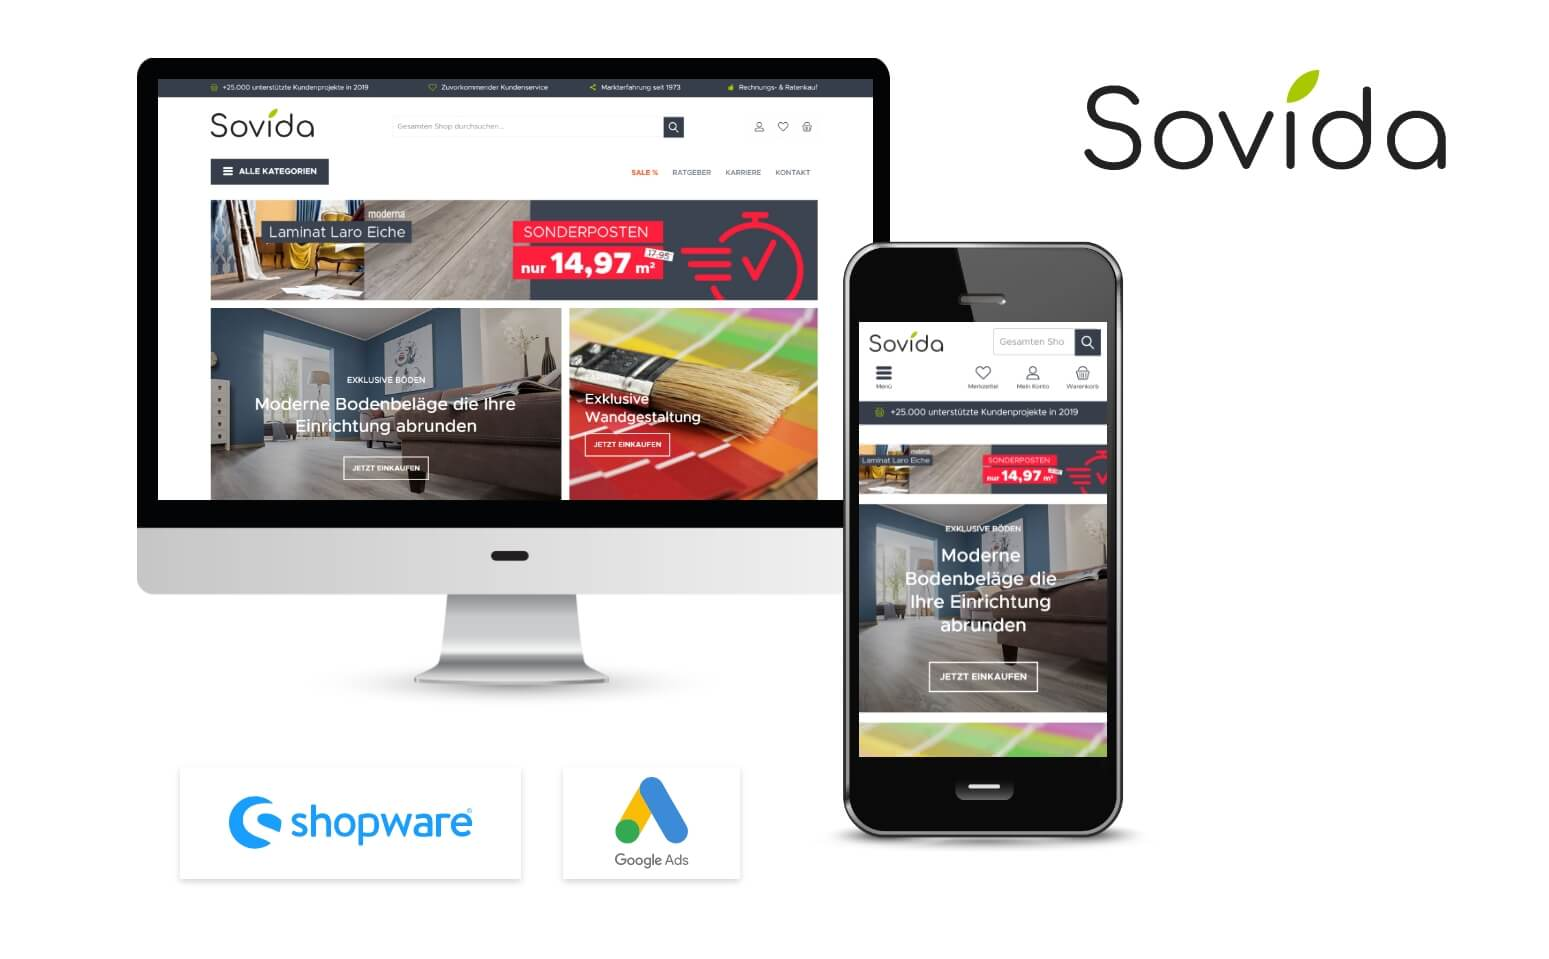 sea-fuer-shopware-shop-sovida